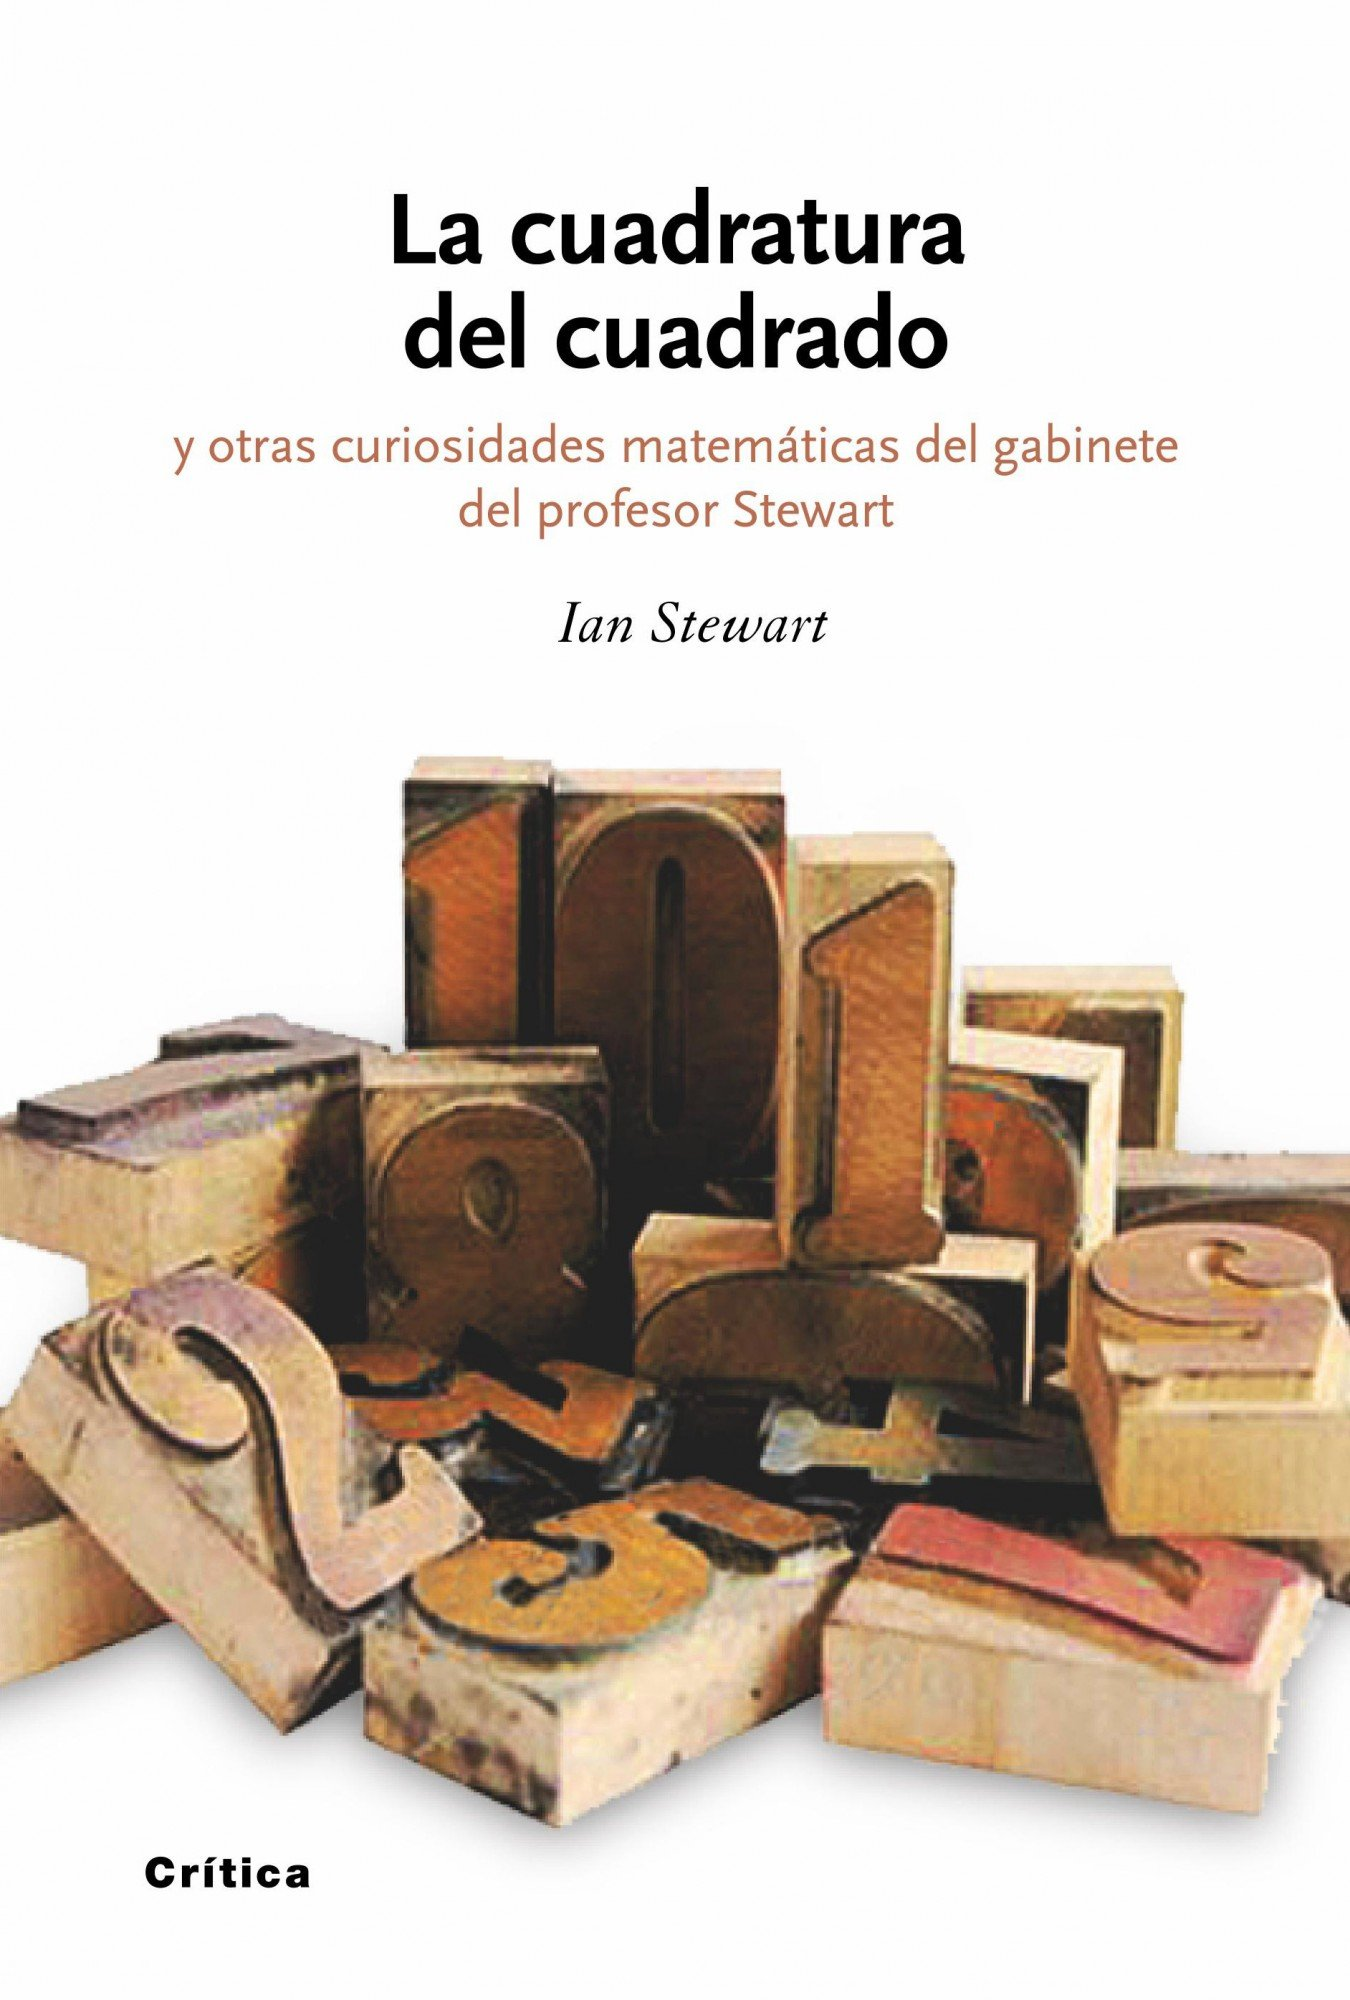 La cuadratura del cuadrado: y otras curiosidades matemáticas ...